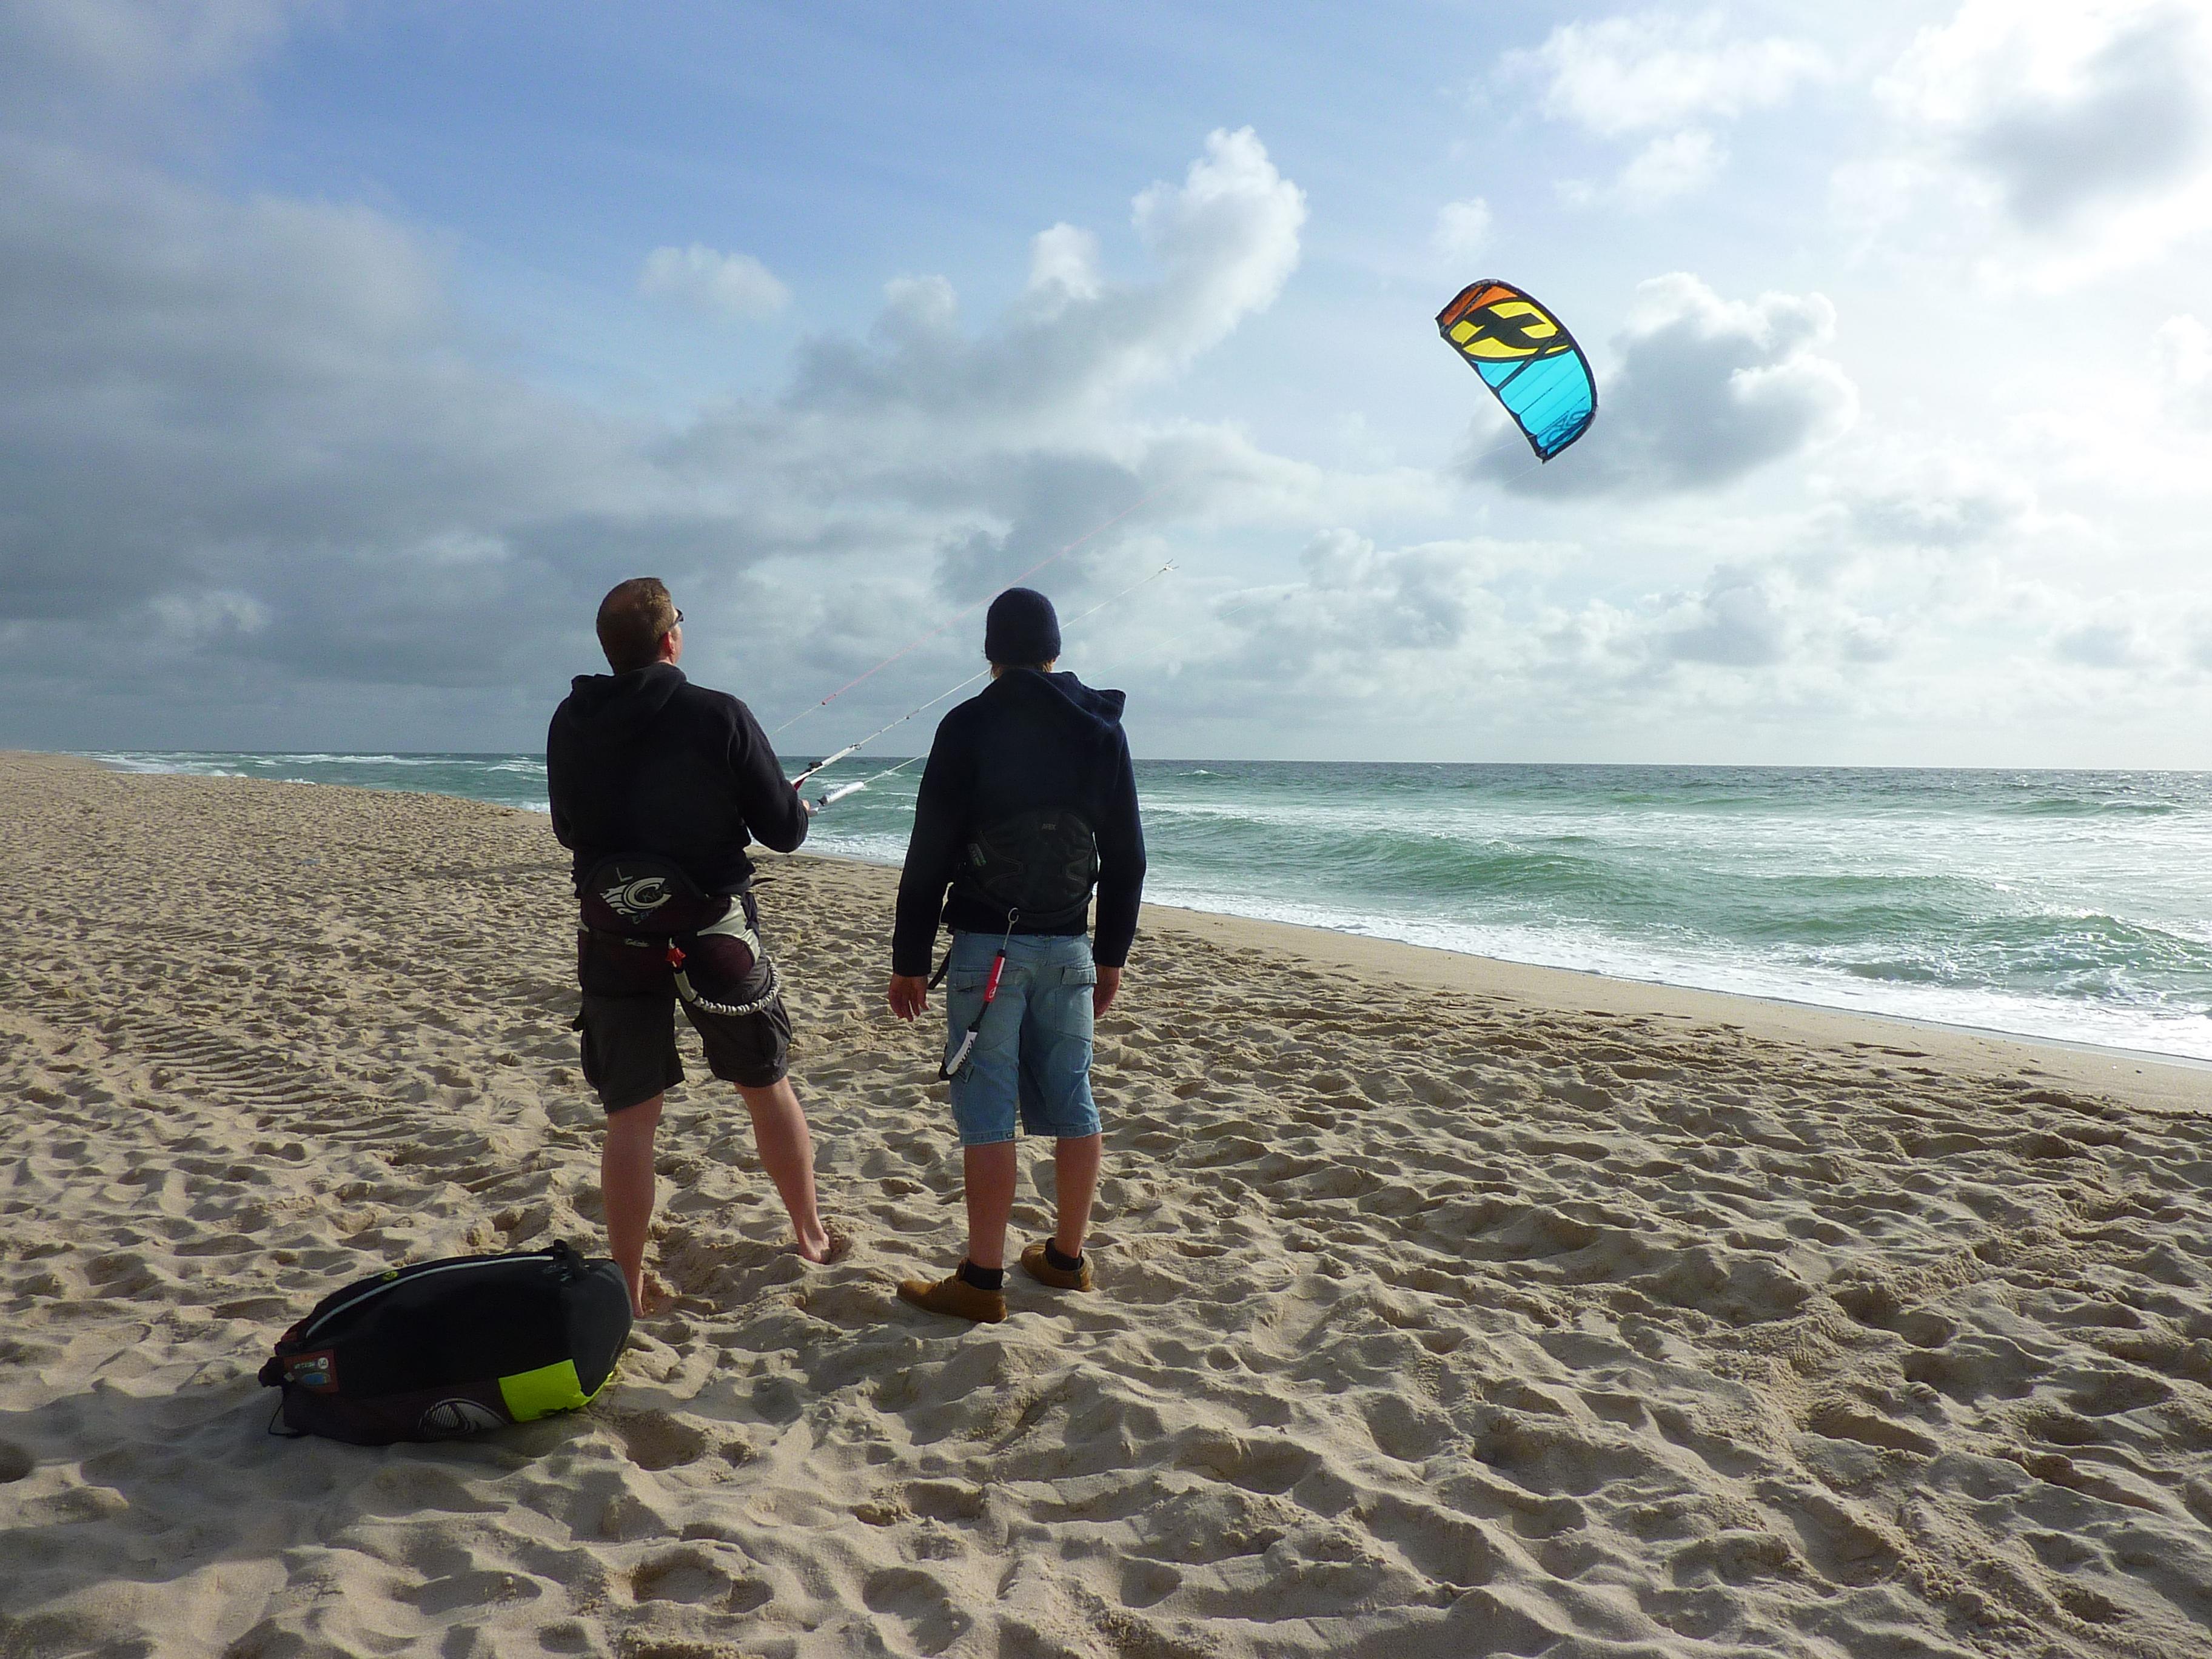 Kitesurfkurs in Wenningstedt-Braderup | Kiteschule Wenningstedt auf Sylt Kiten lernen